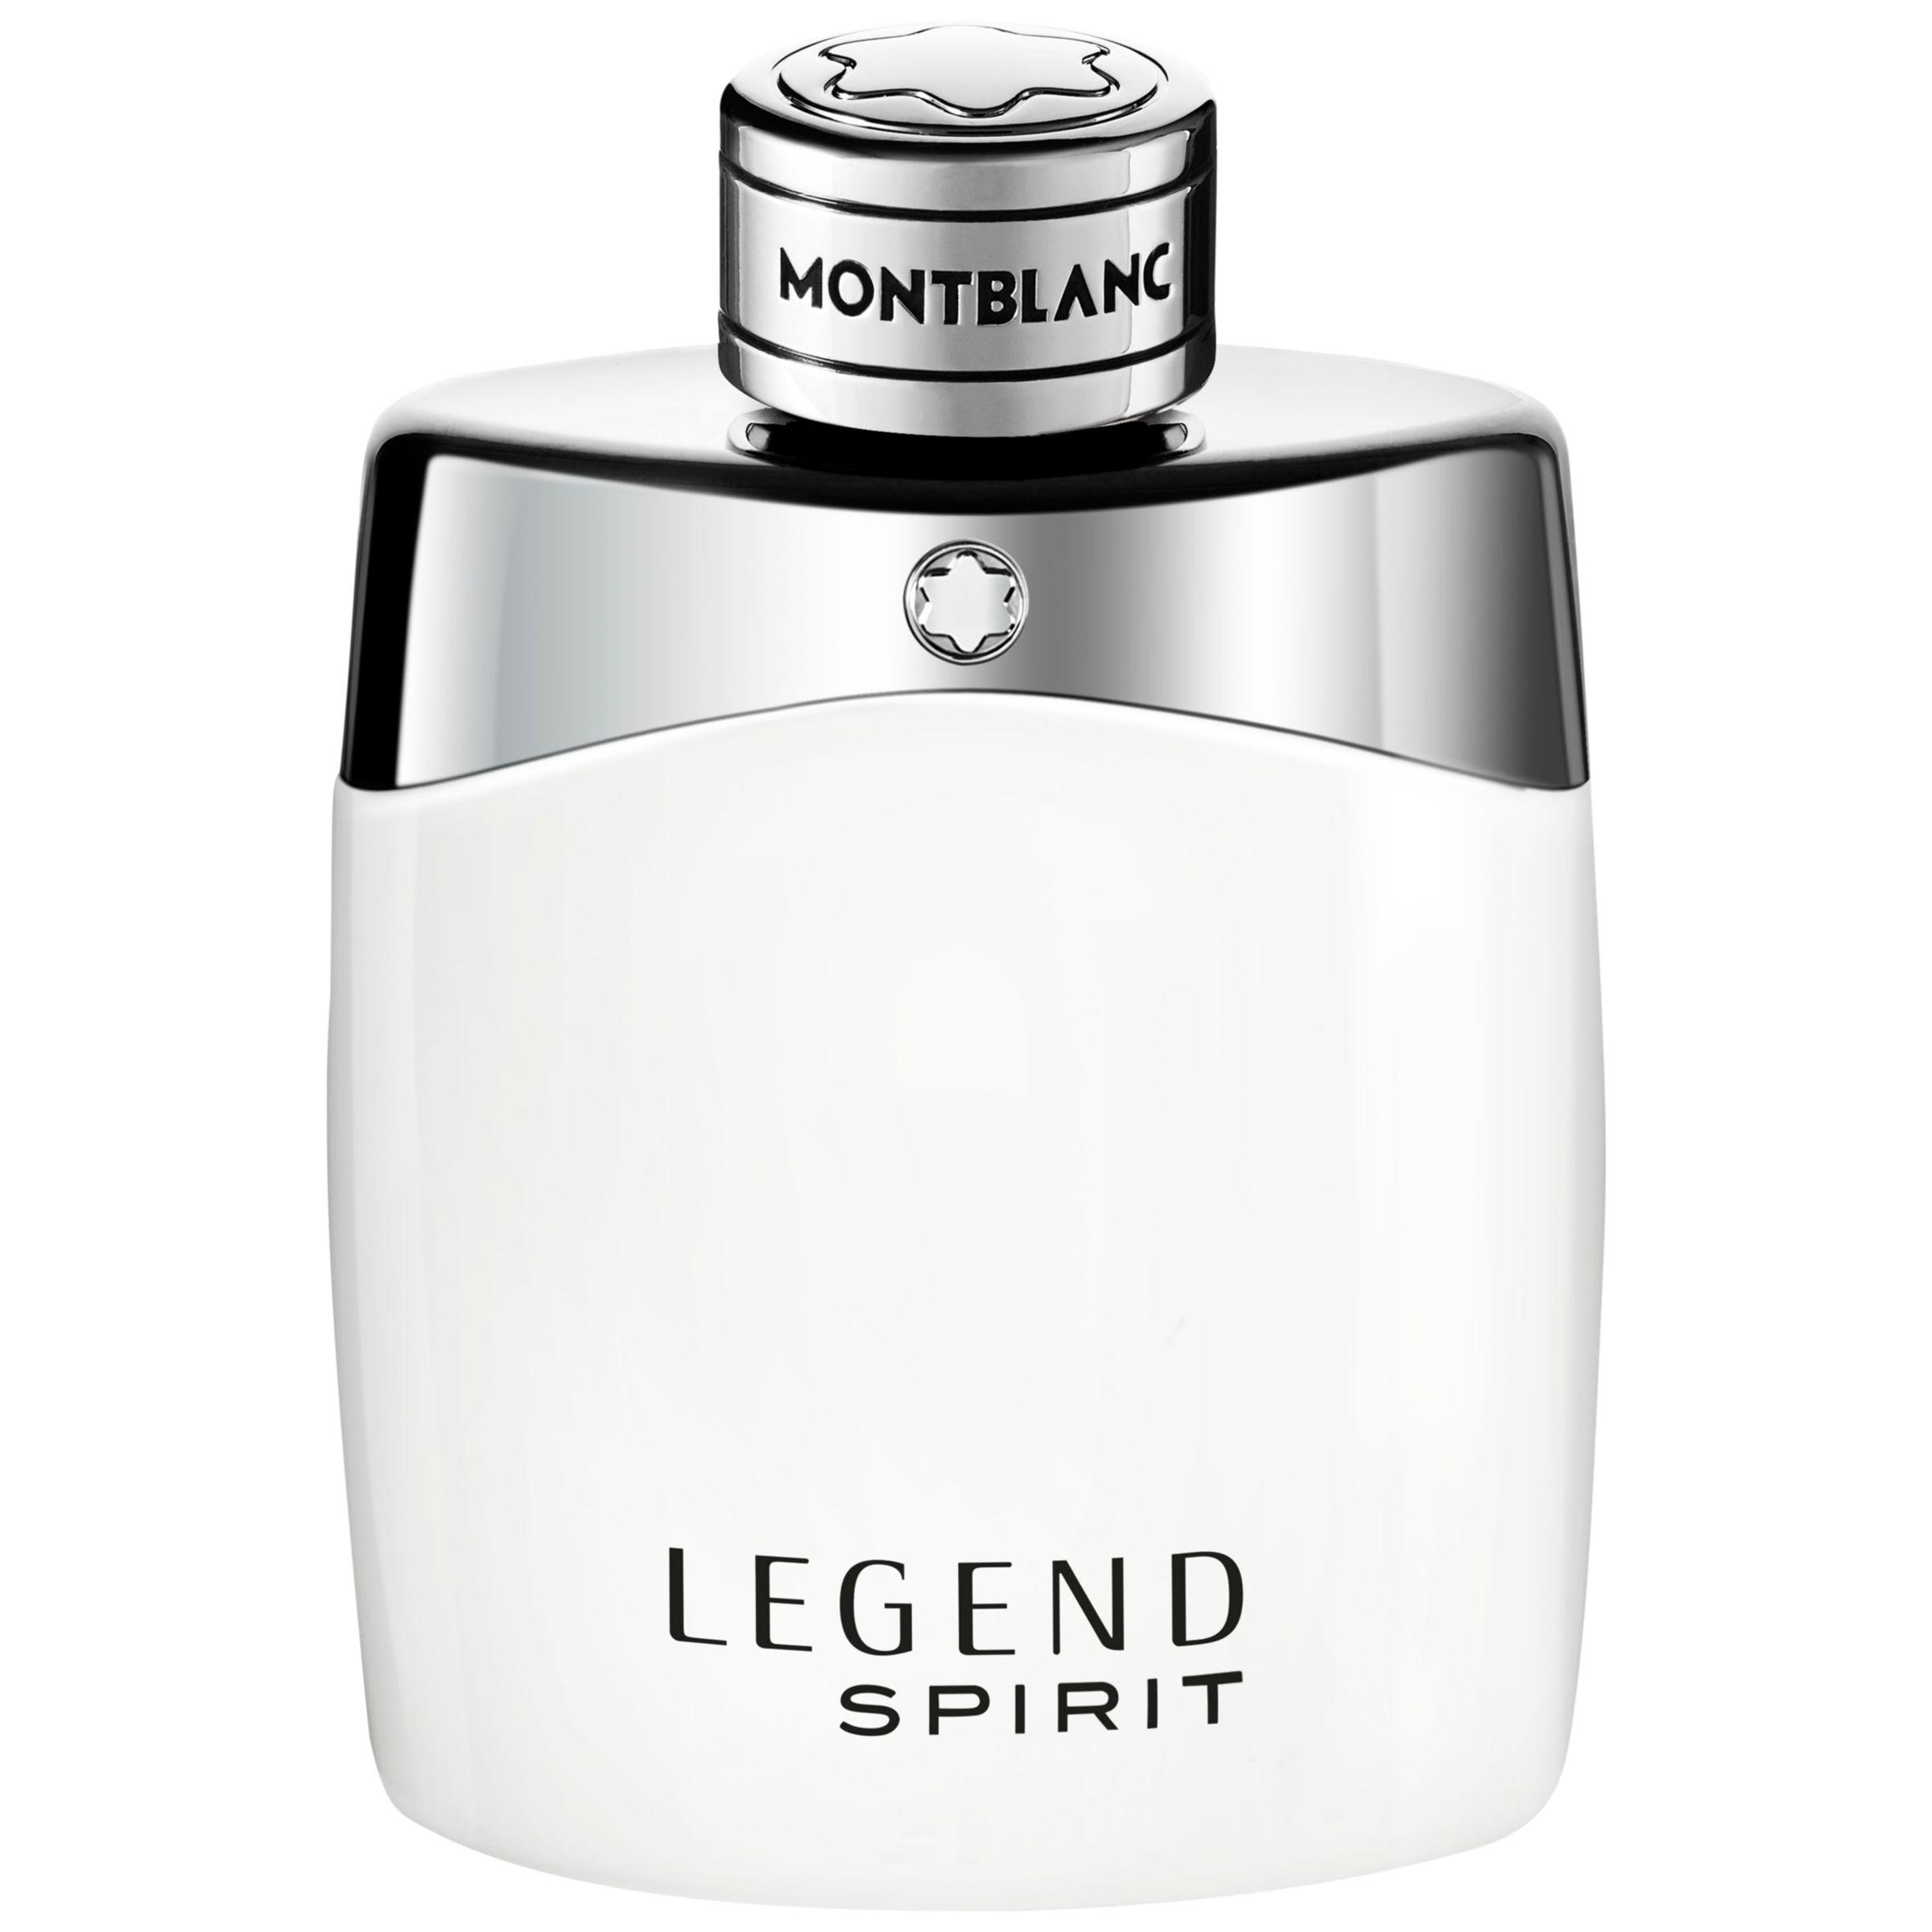 Montblanc Montblanc Legend Spirit Eau de Toilette